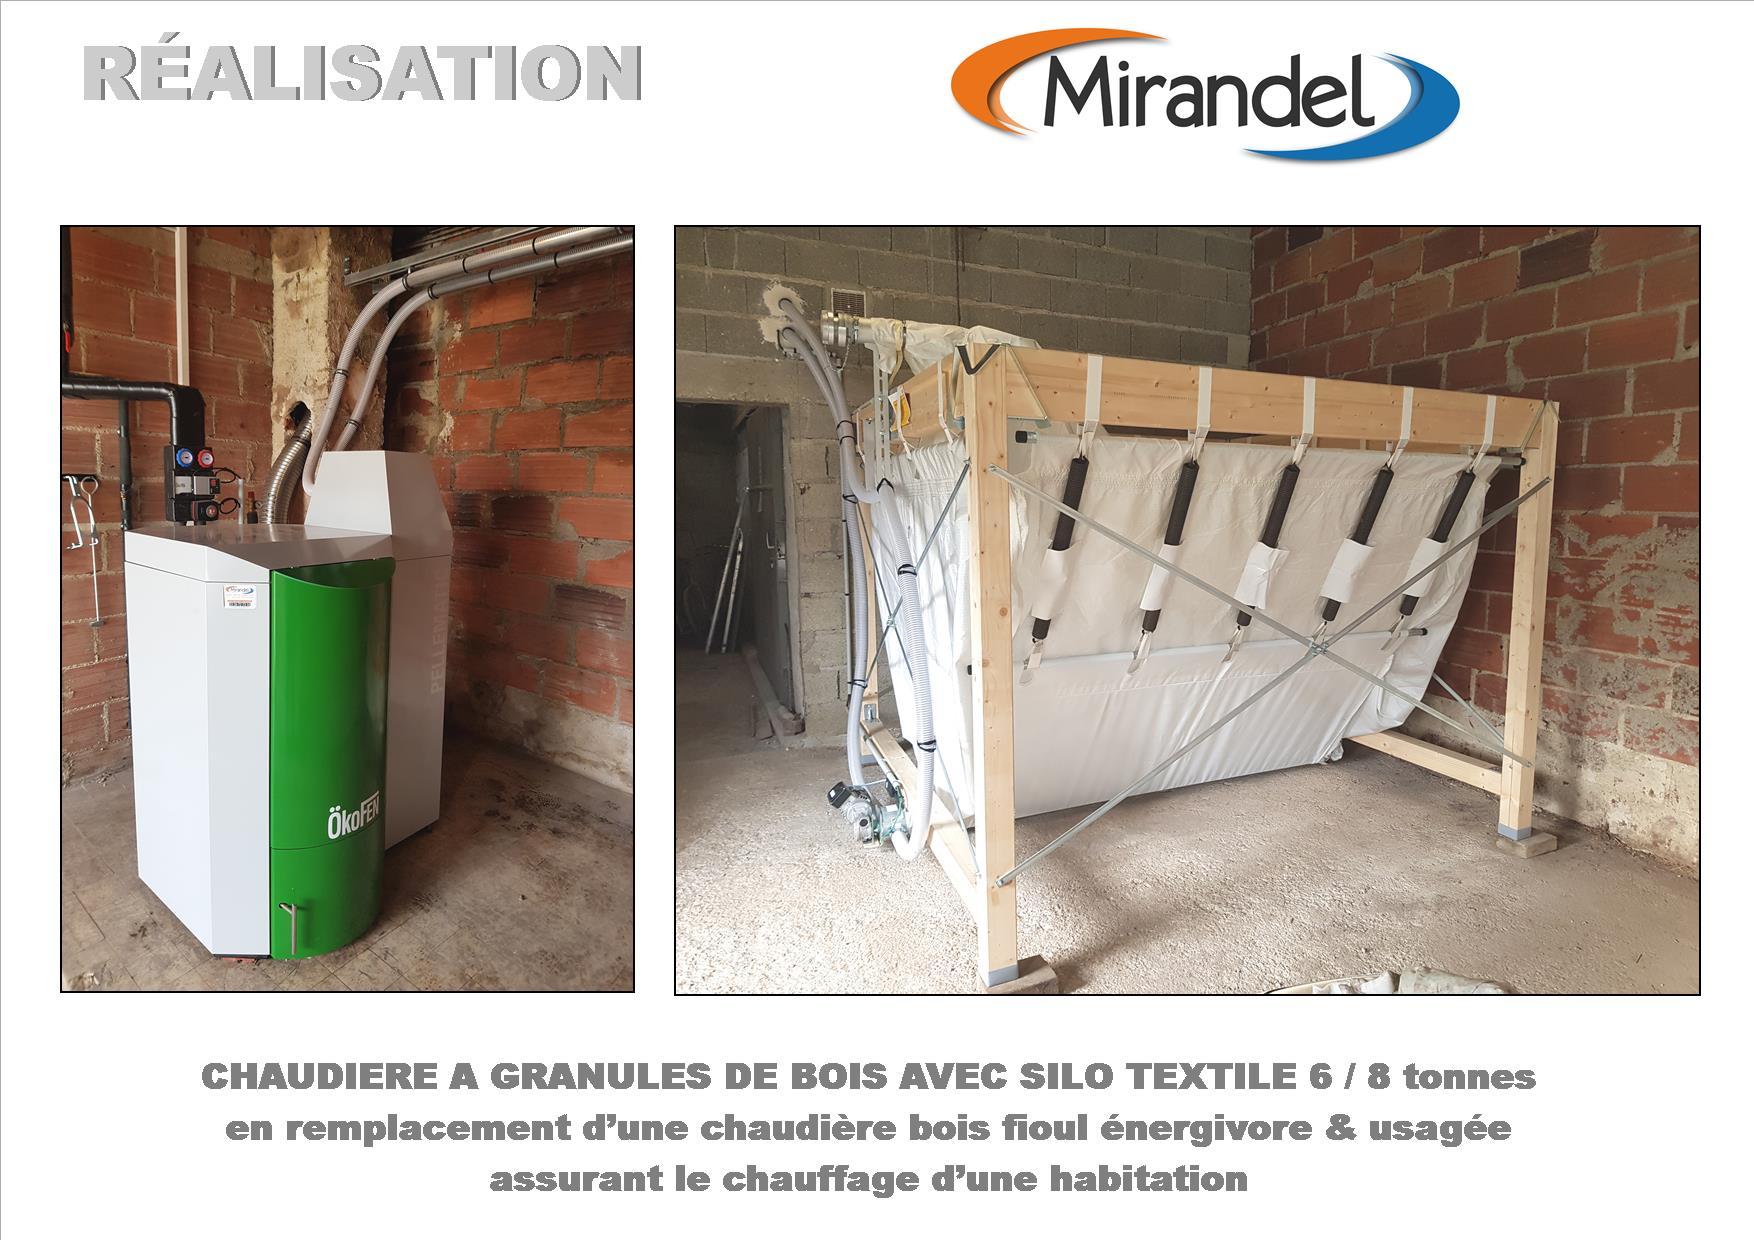 Chaudière à granulés de bois avec silo textile à SALON 10700